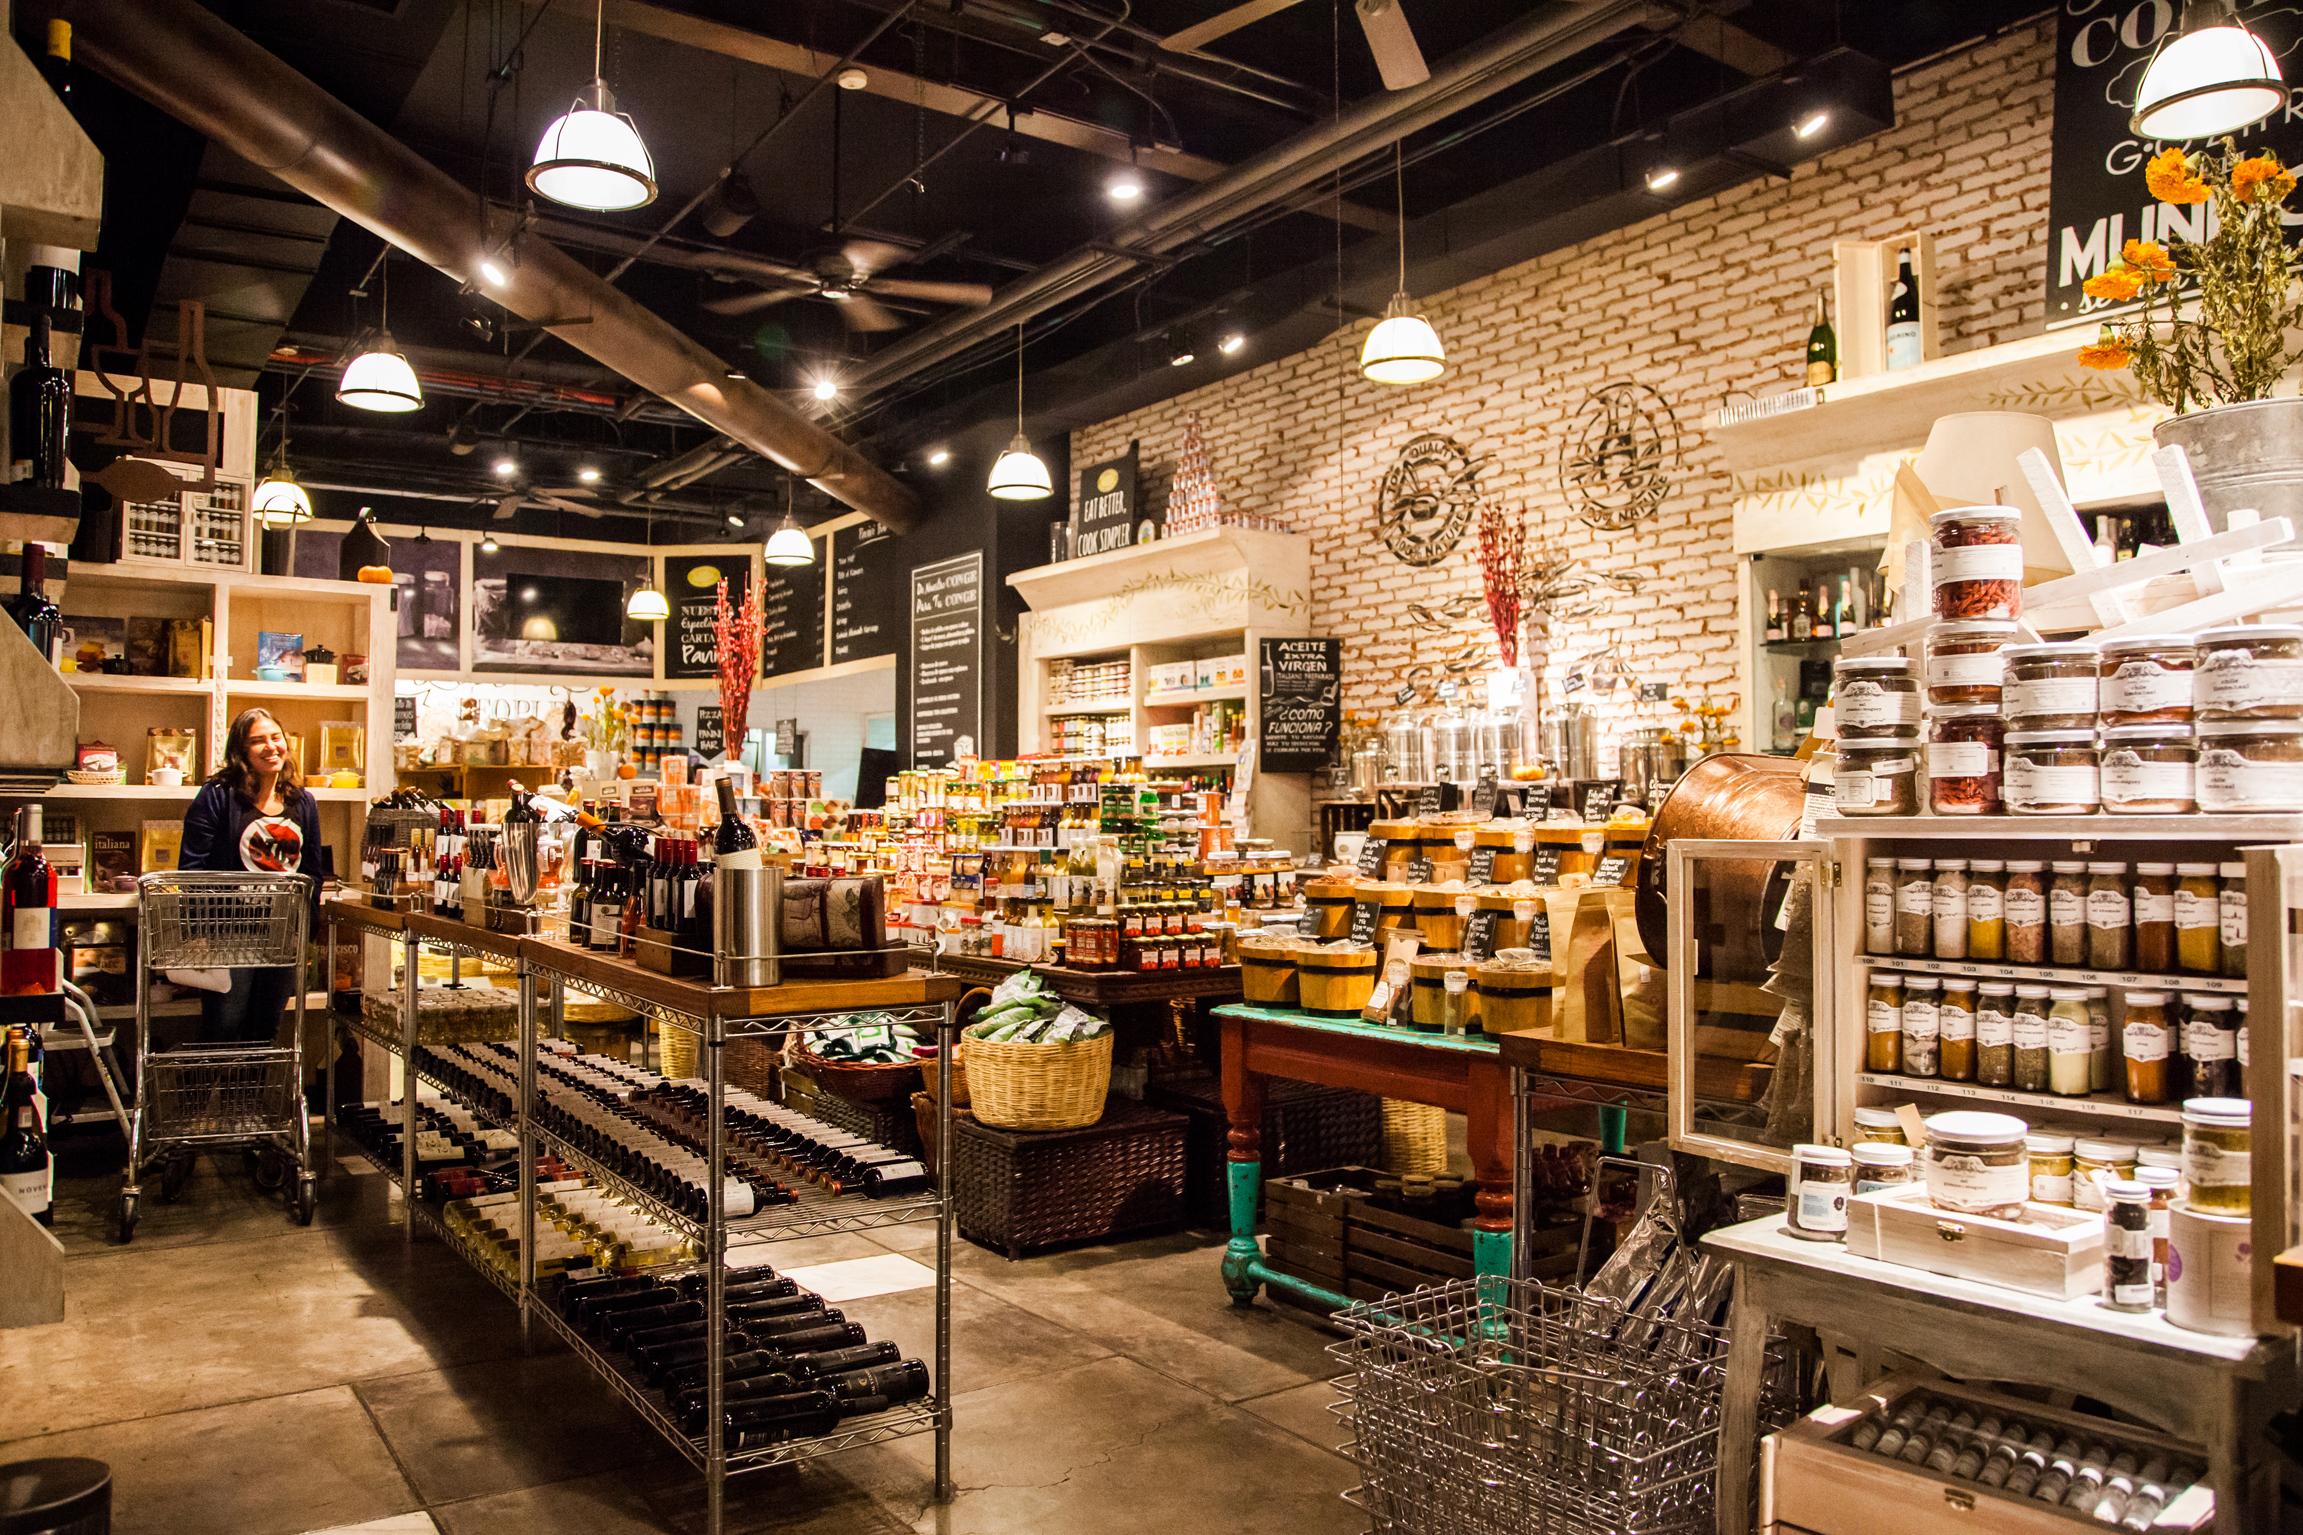 Tiendas de productos gourmet en la cdmx for Articulos para restaurantes